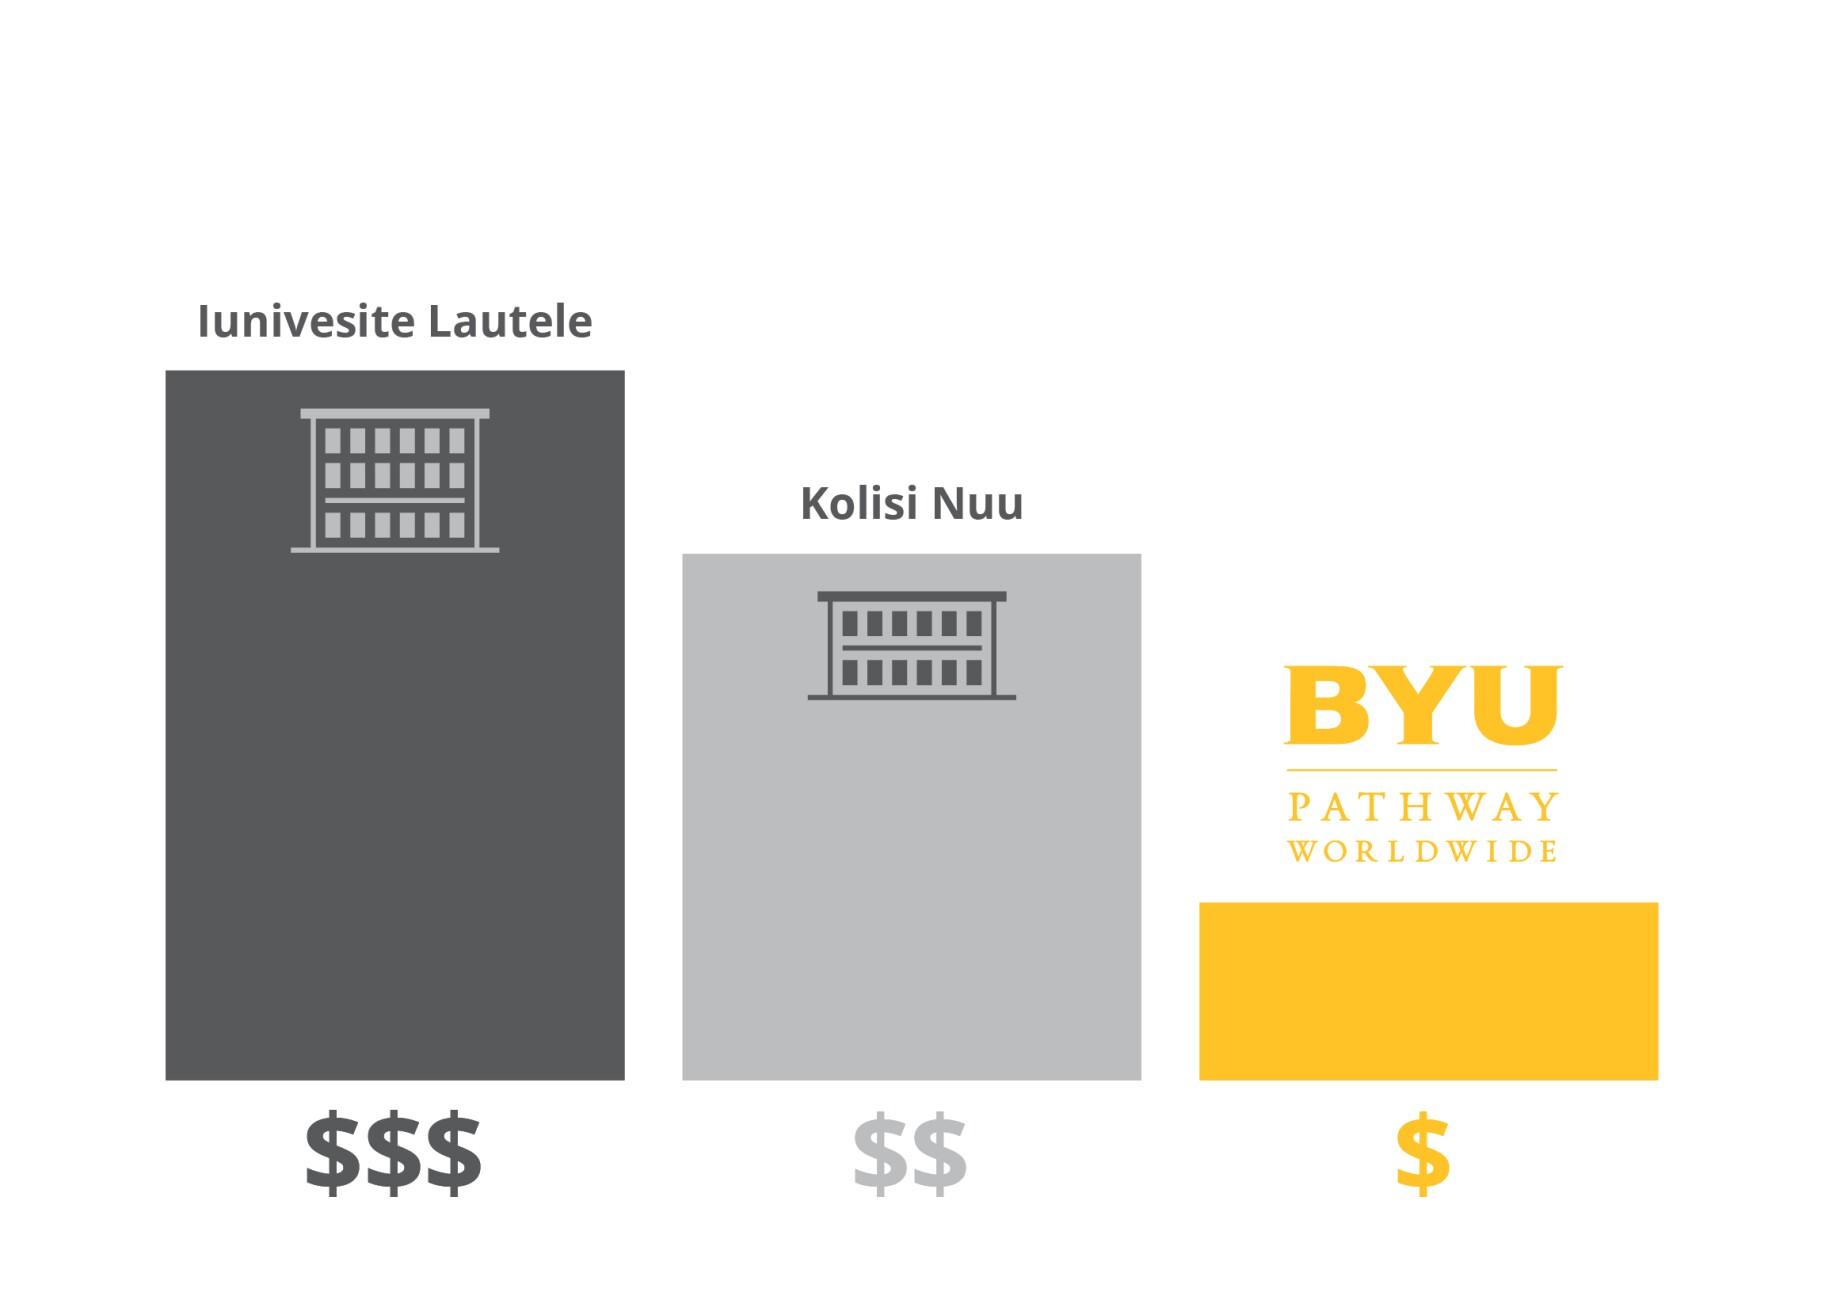 Tuition Cost Comparison - Samoan